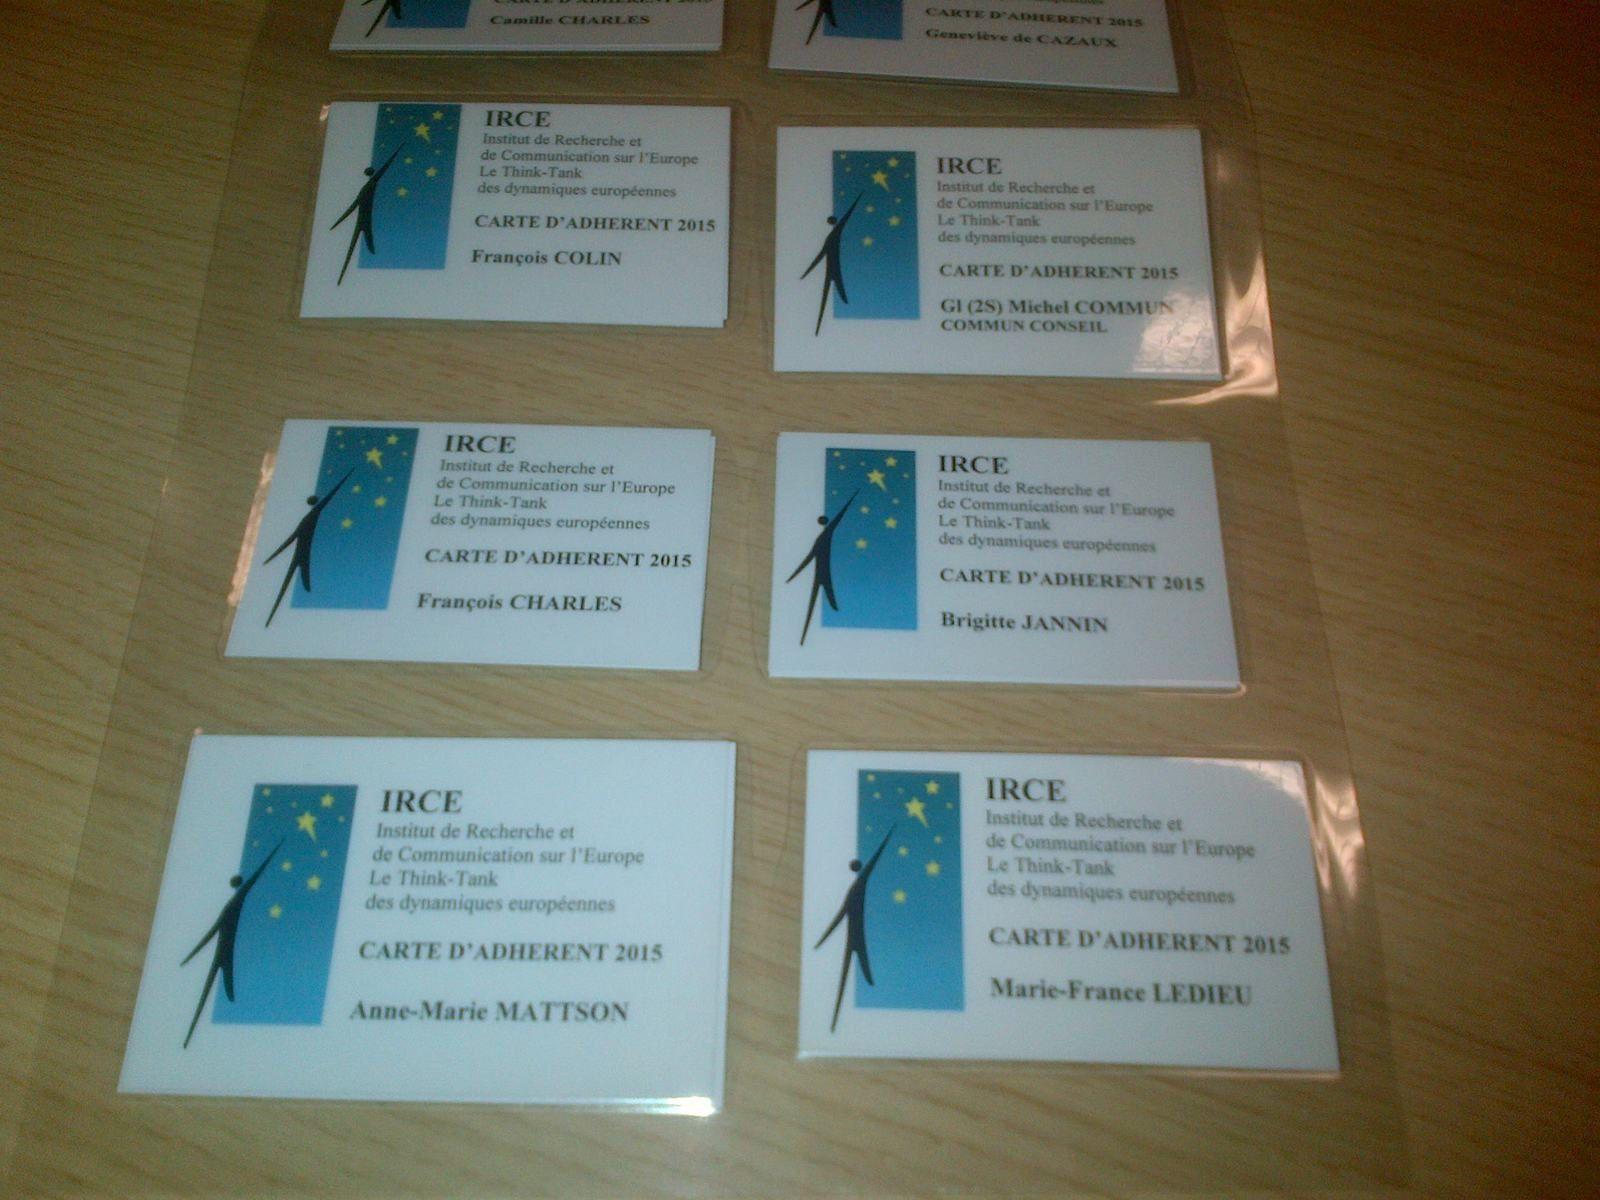 Avez-vous votre carte de membre de l'IRCE ?